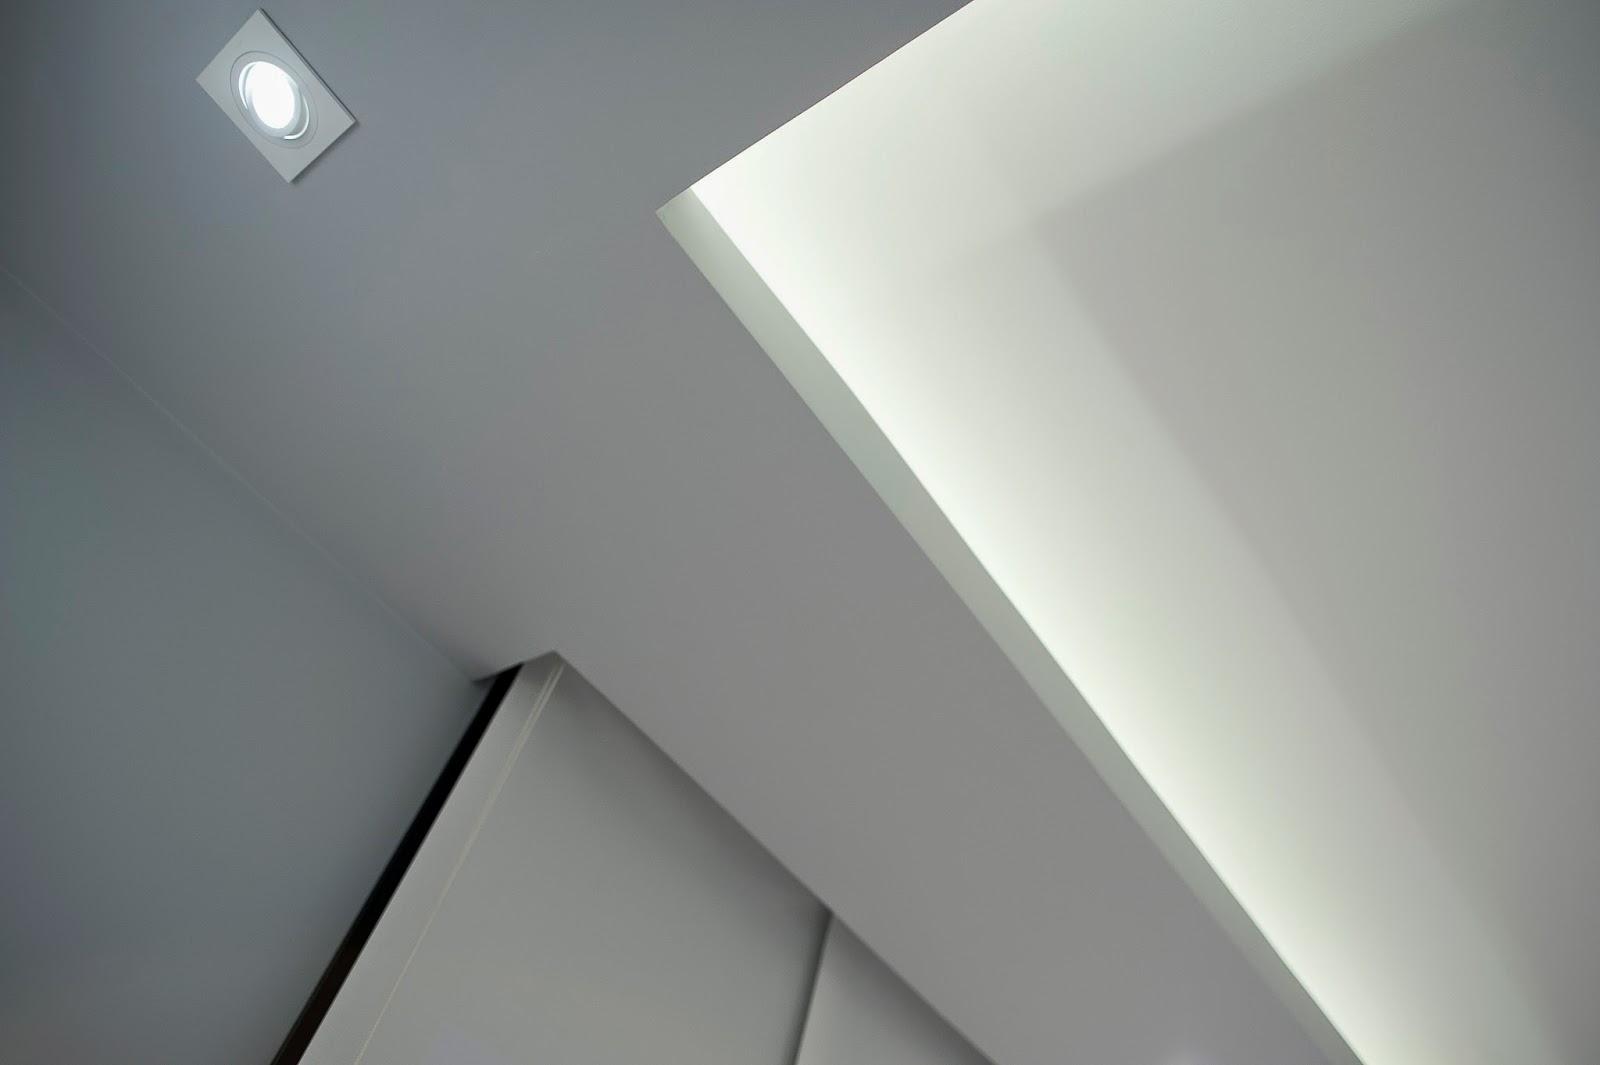 Techo e iluminación en vivienda modular de Resan